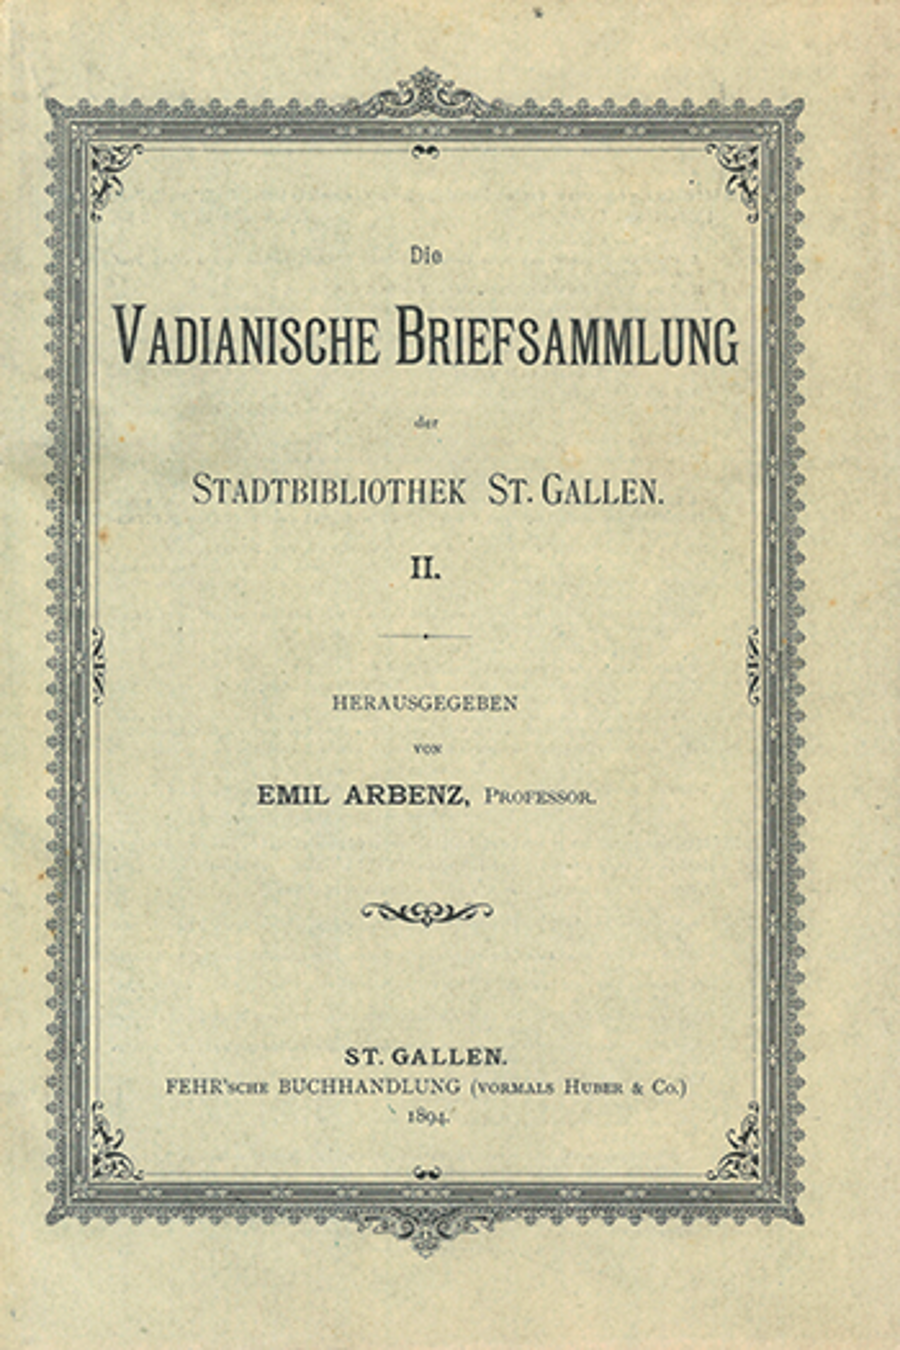 Die Vadianische Briefsammlung  <p><p>der Stadtbibliothek St. Gallen II.